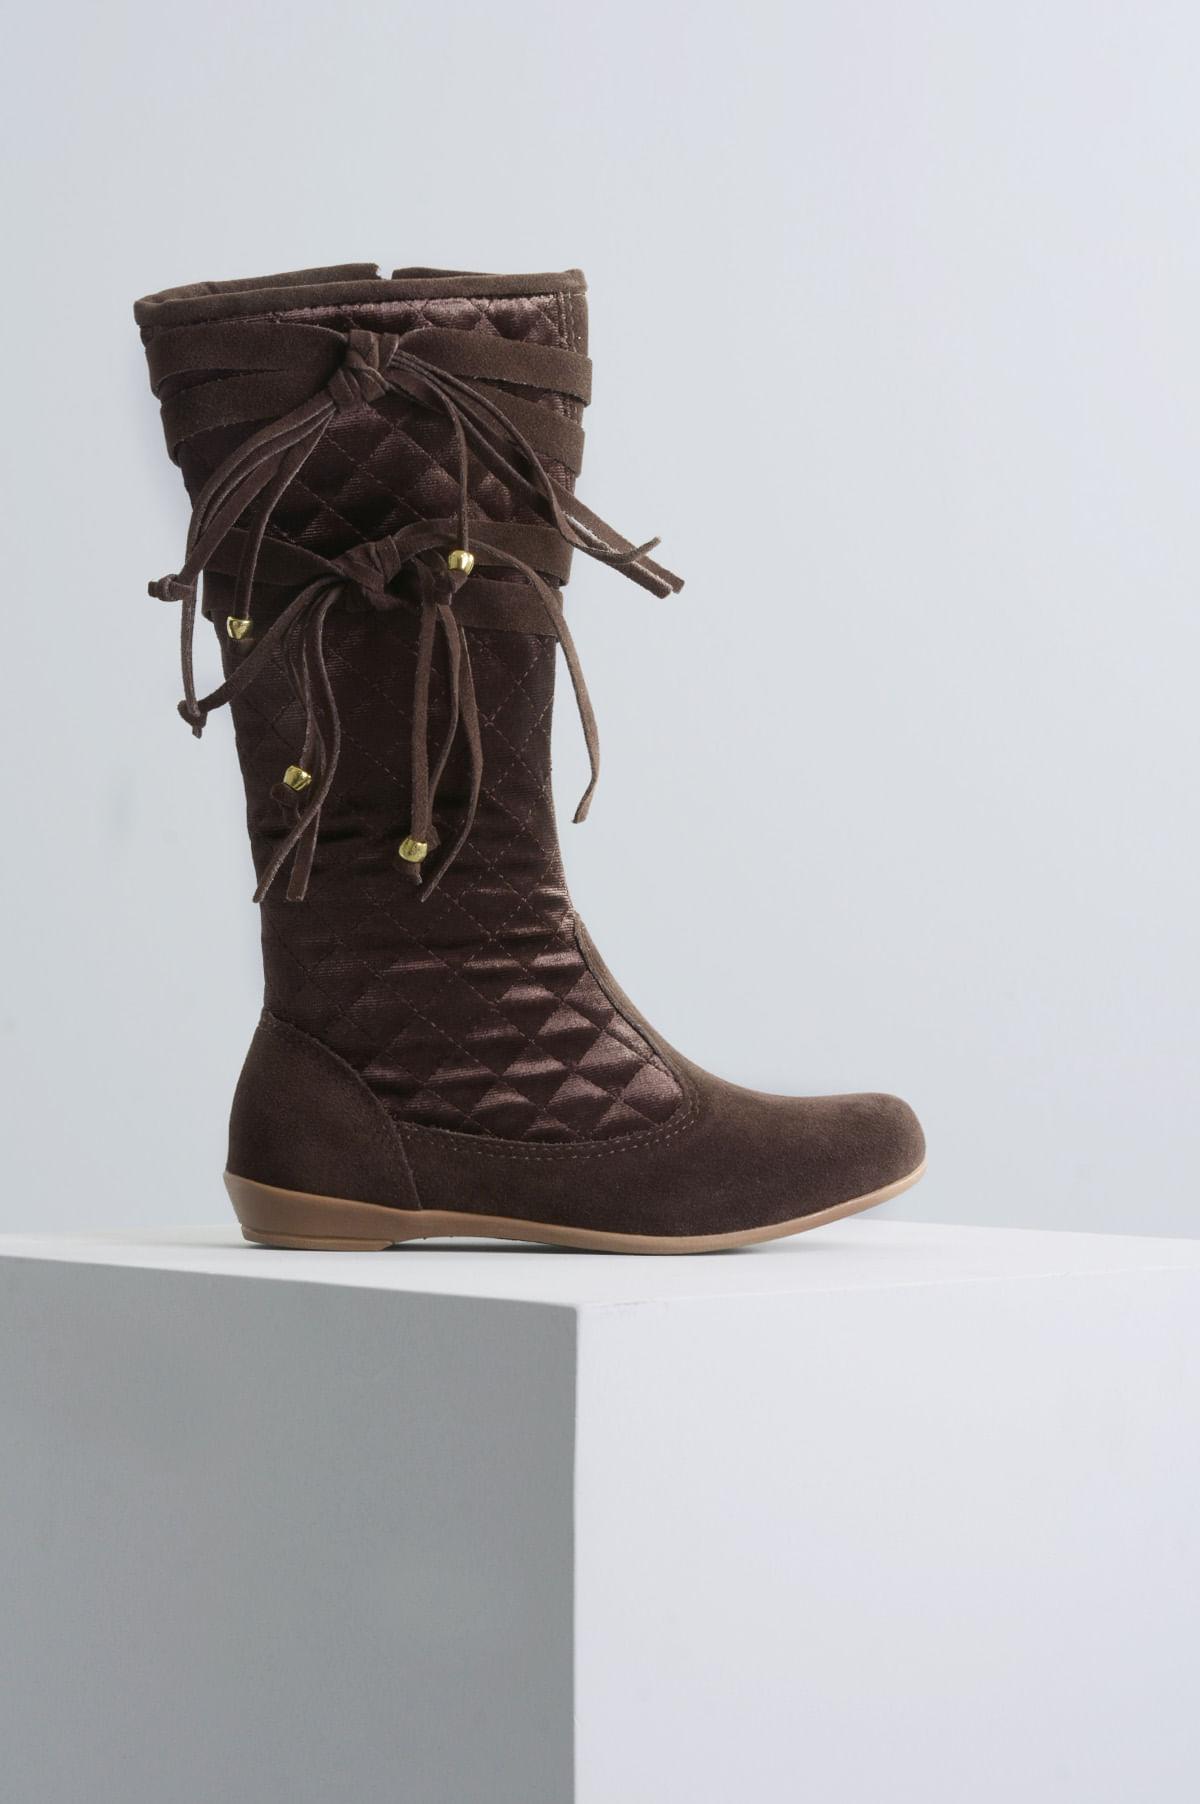 977e2439a Bota Infantil Daniele Mundial CAM MARROM - Mundial Calçados